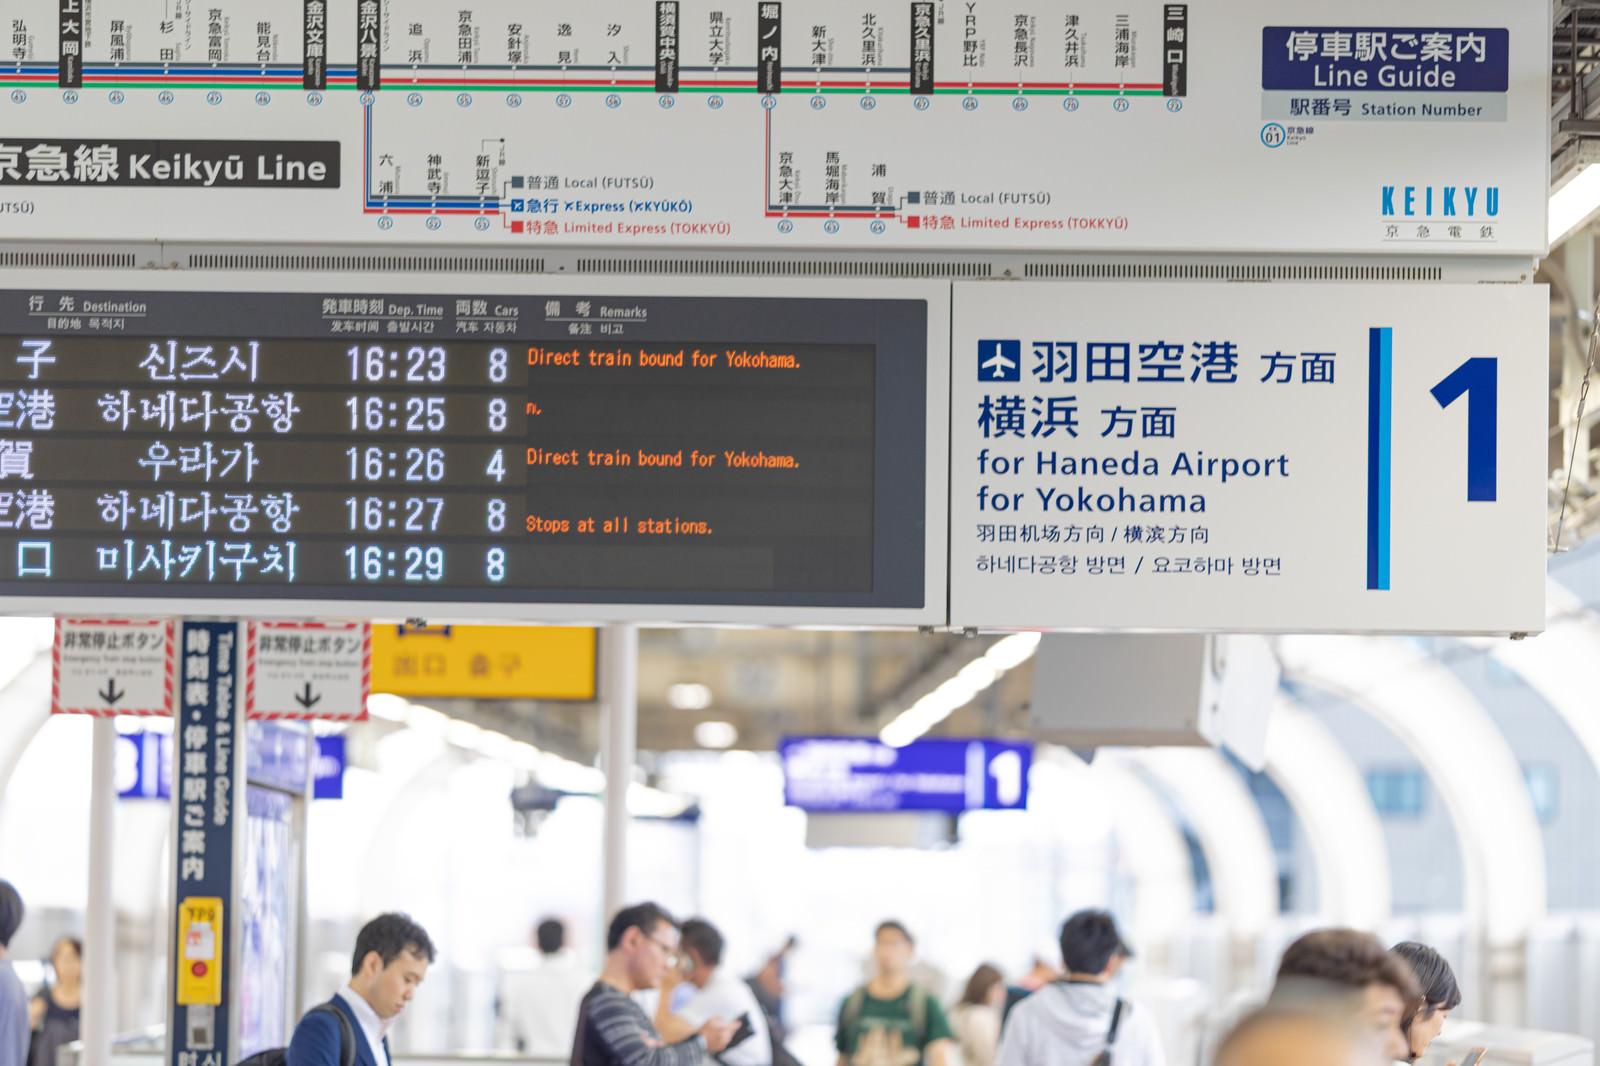 「羽田空港方面|1」の写真